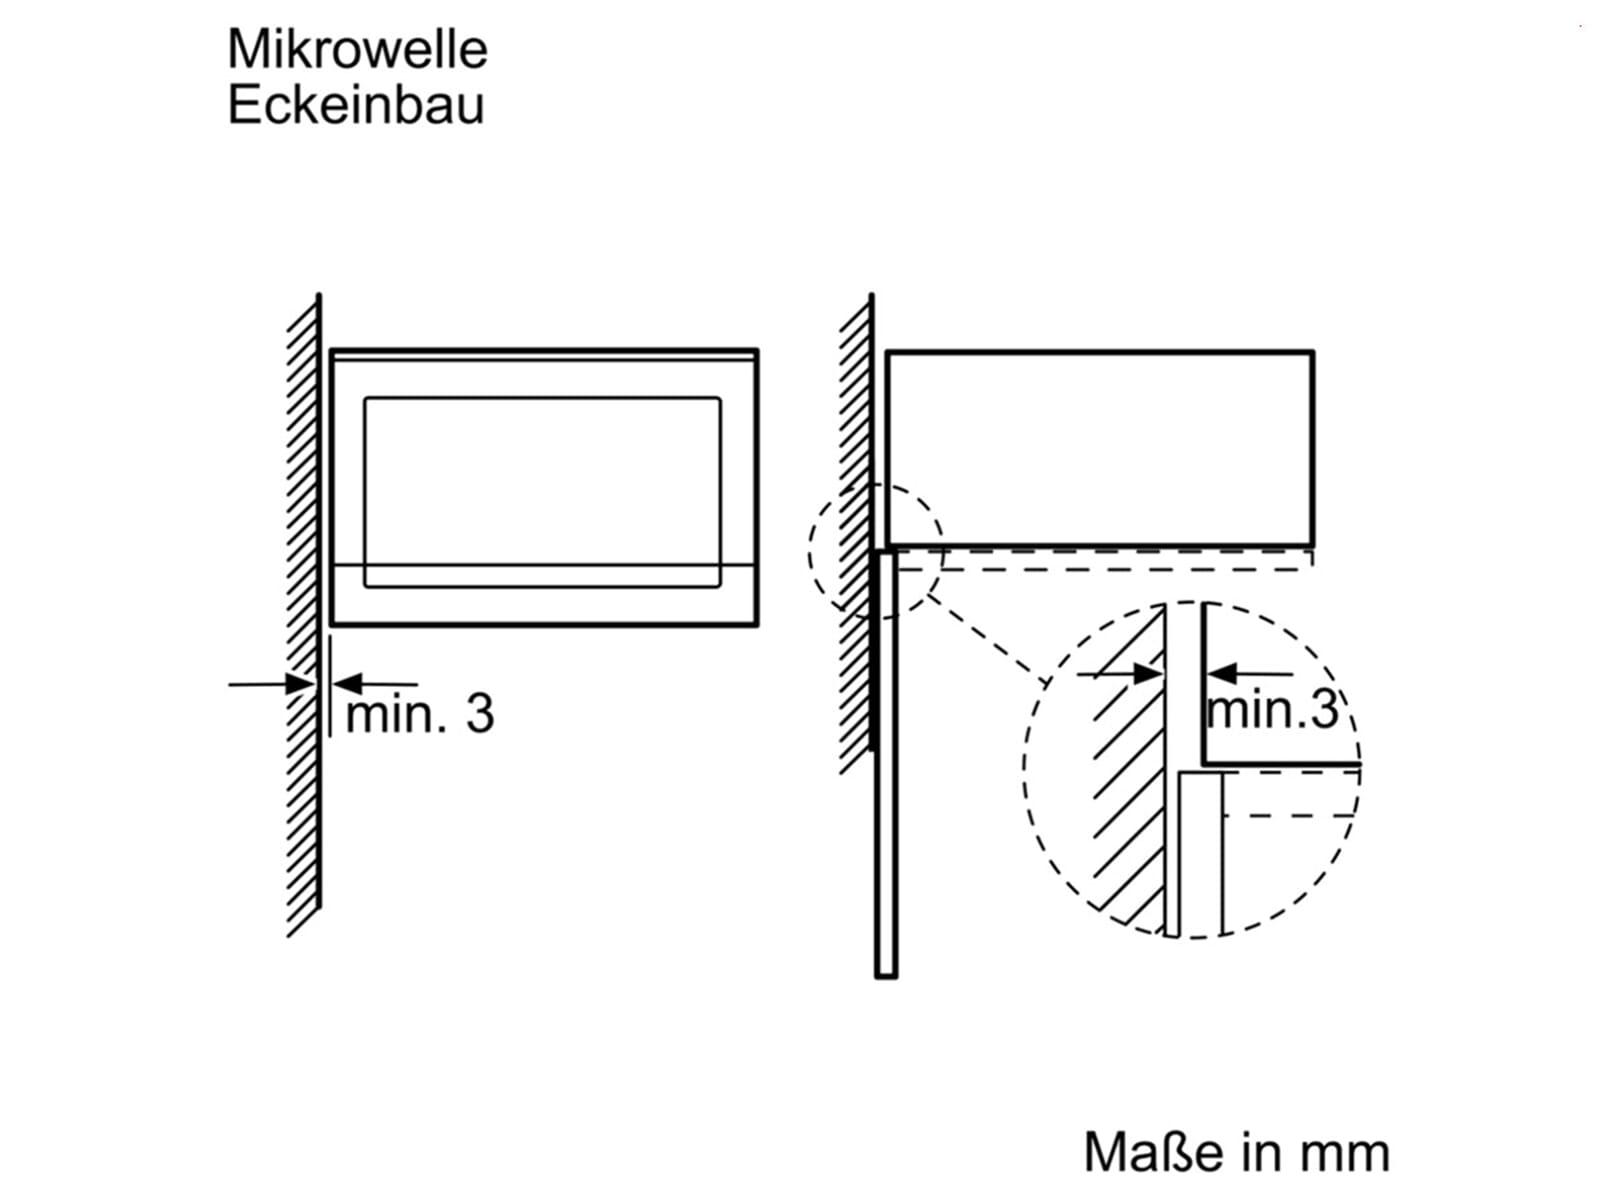 bosch bel554mw0 einbau mikrowelle mit grill polar wei. Black Bedroom Furniture Sets. Home Design Ideas